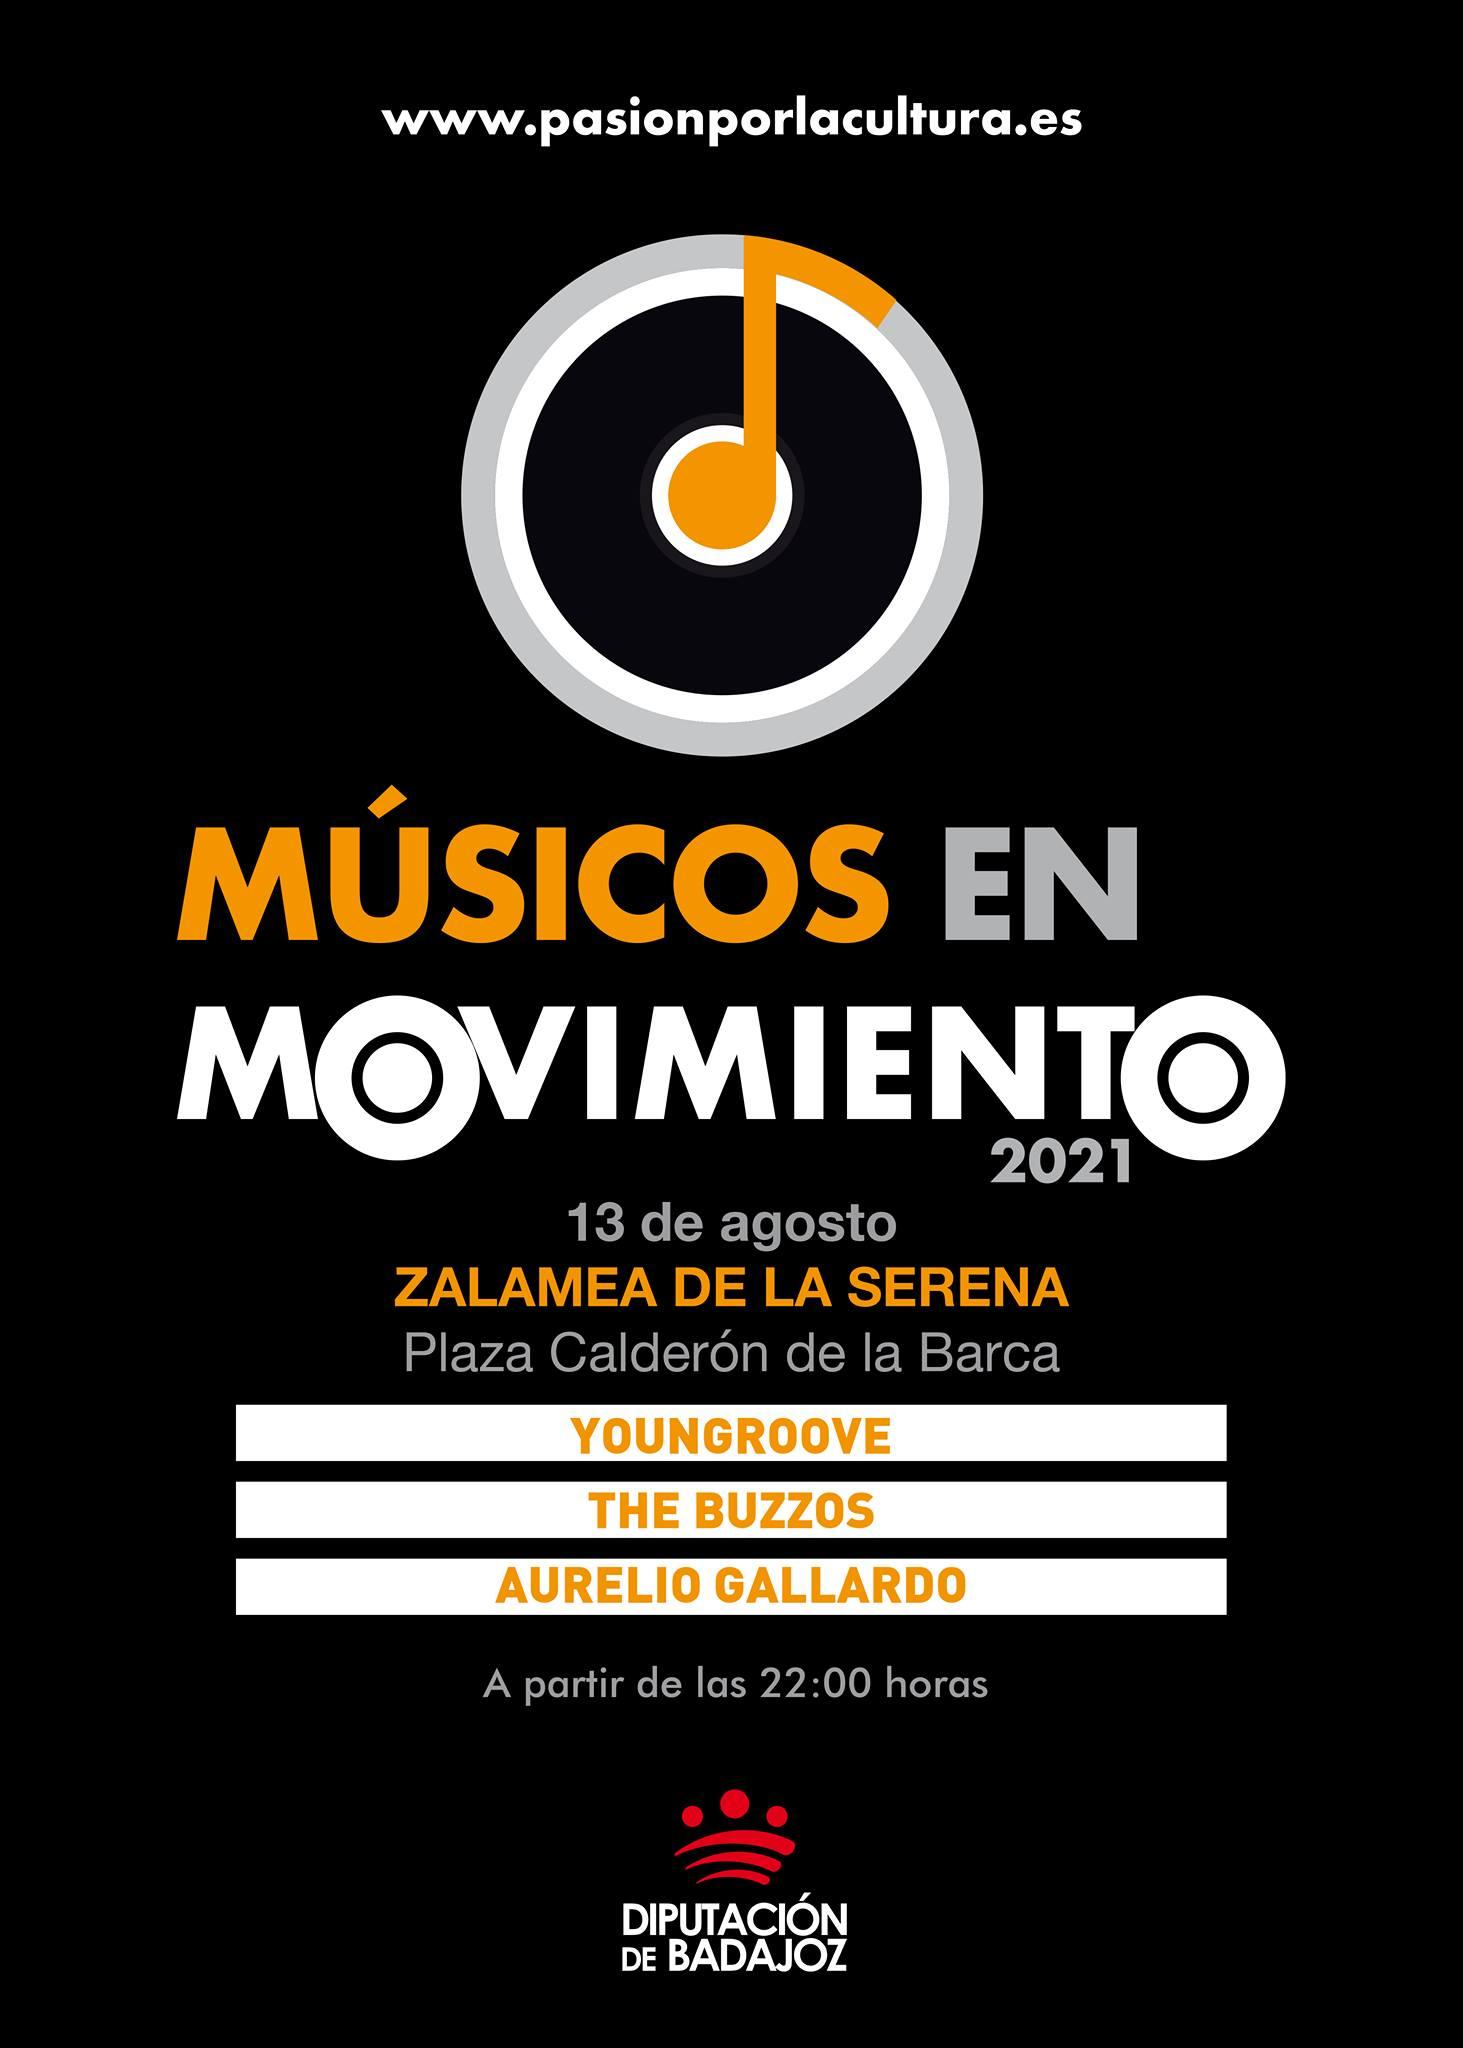 MÚSICOS EN MOVIMIENTO | Youngroove + The Buzzos + Aurelio Gallardo